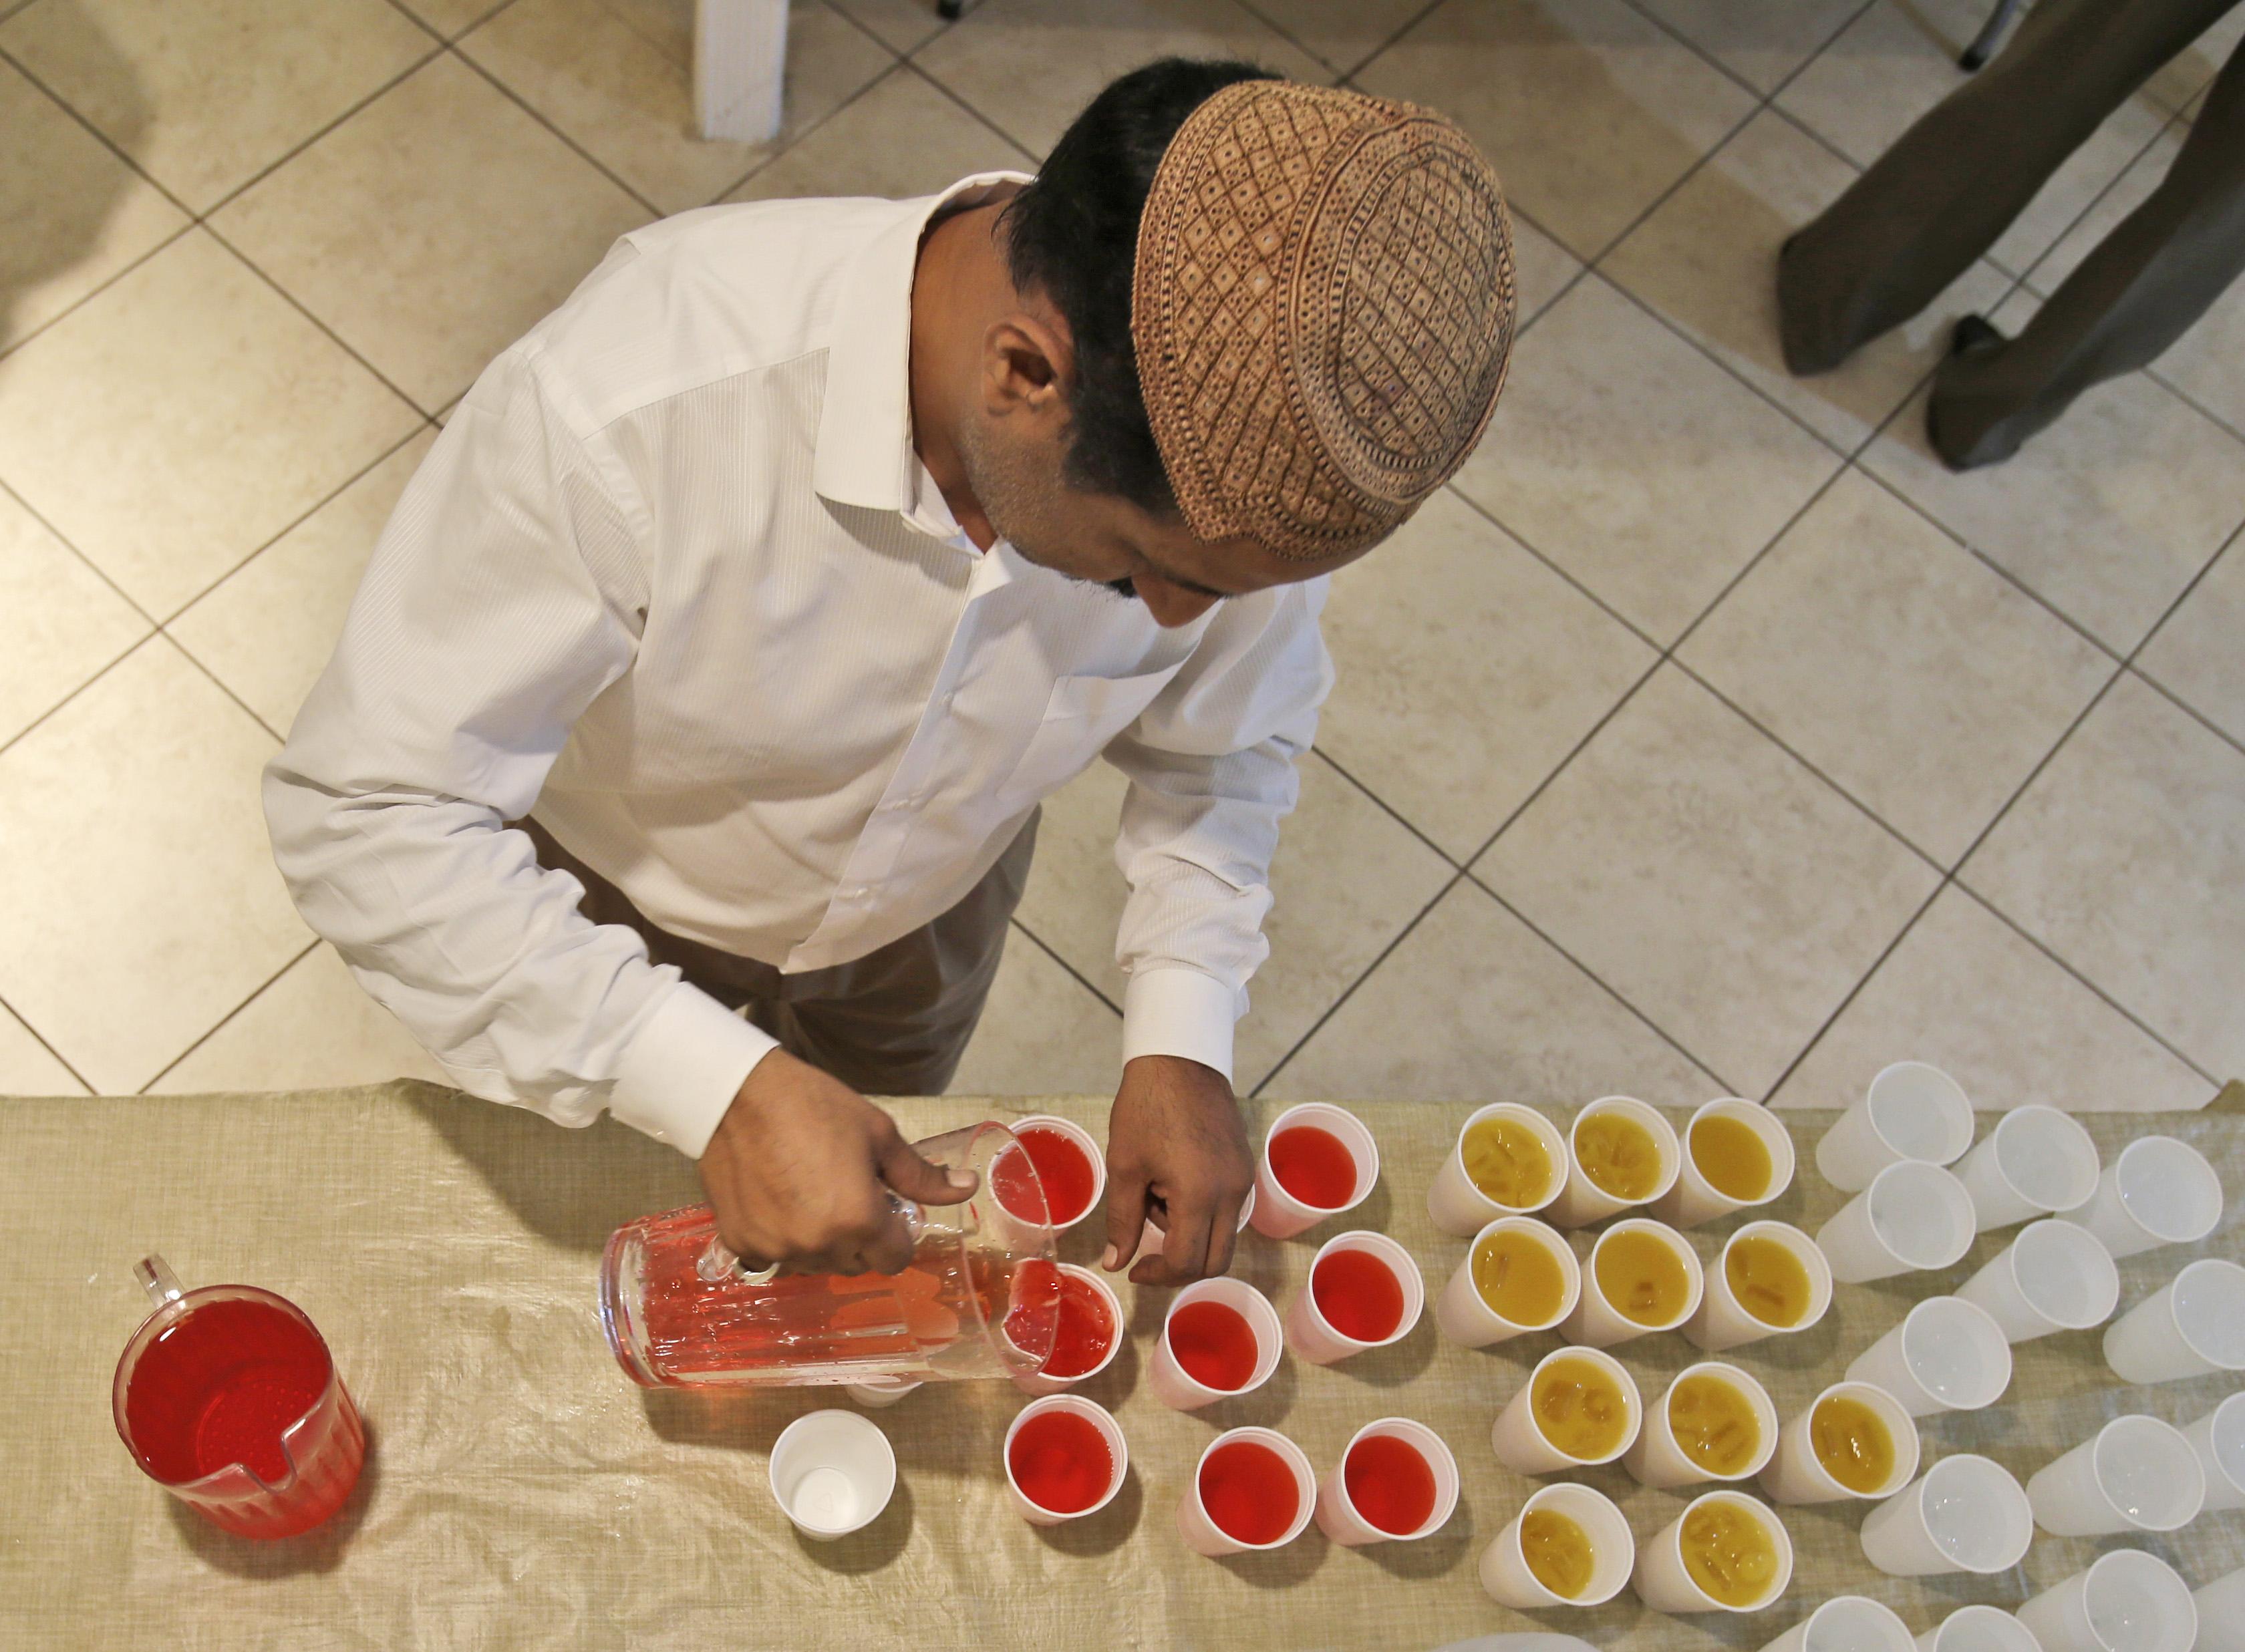 Vista superior de rapaz colocando suco em copos (© AP Images)